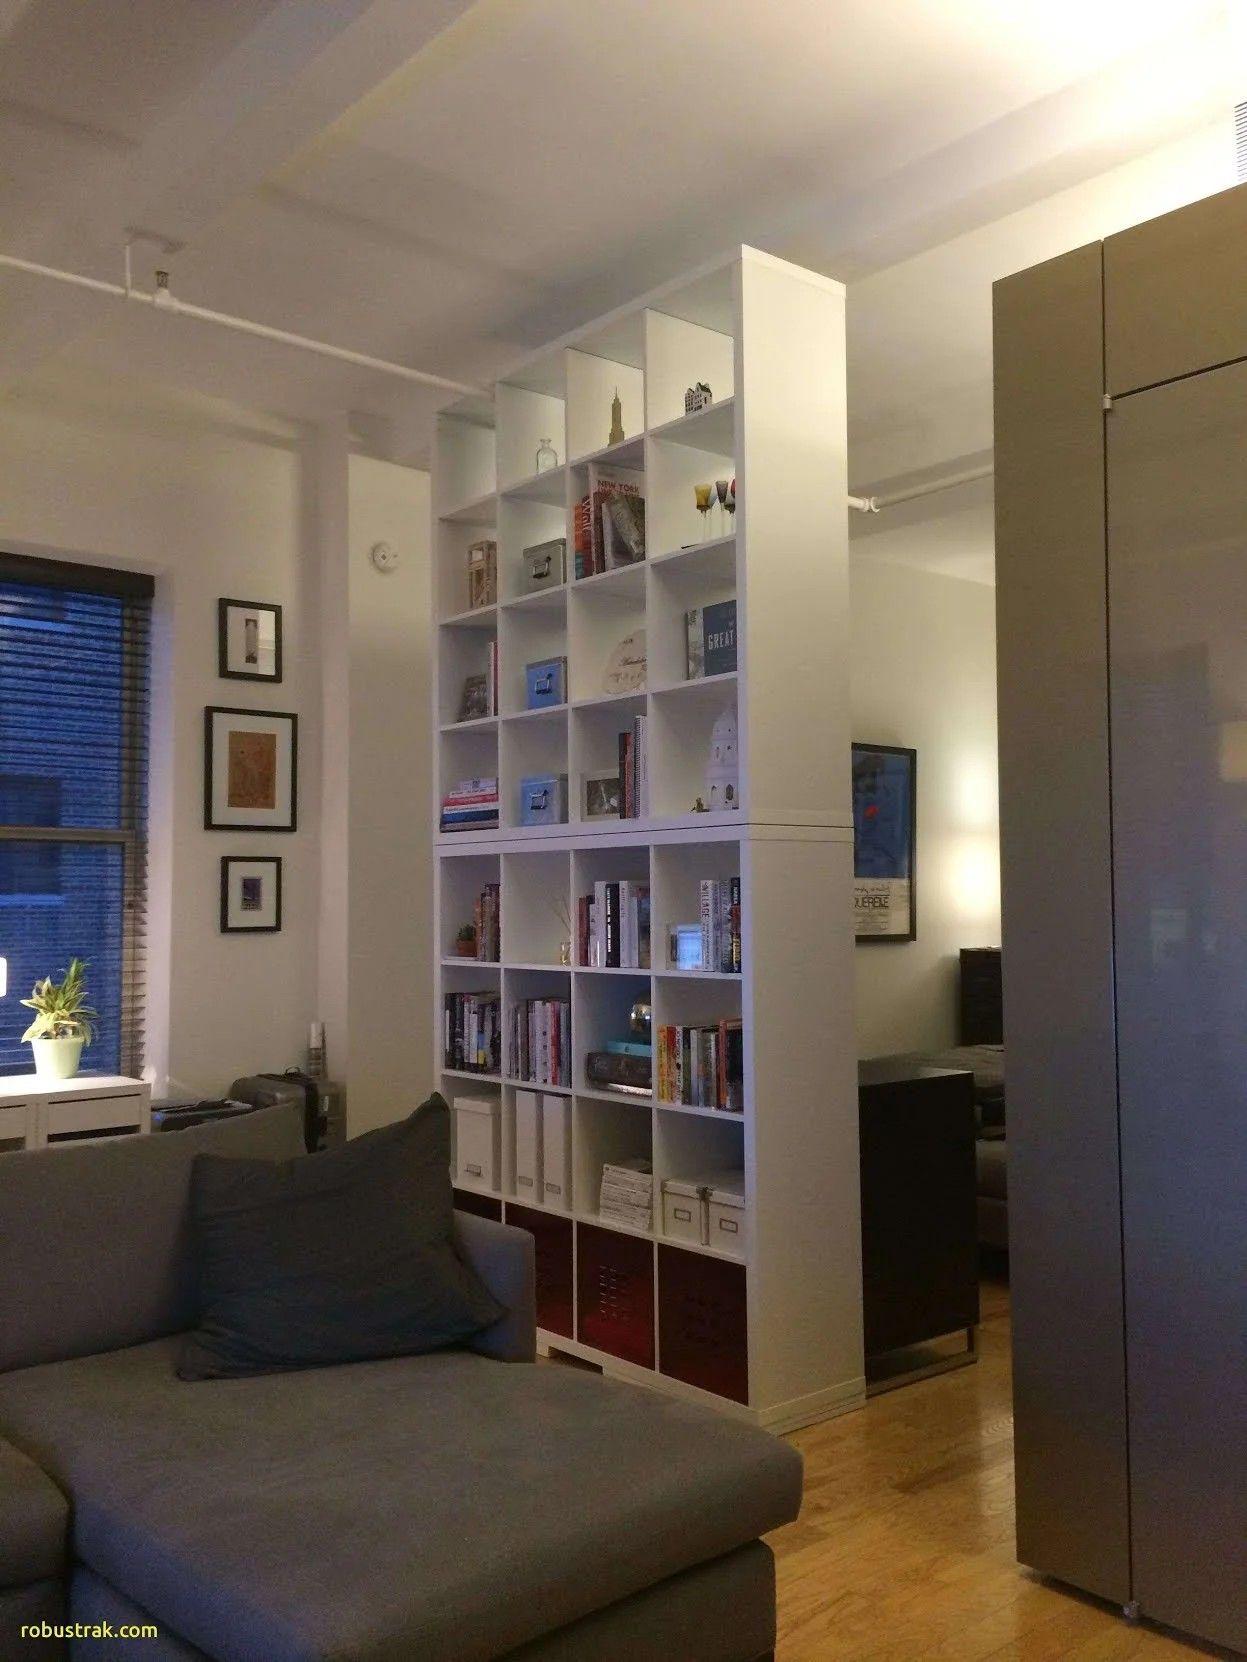 Epingle Par Pindy Sur Studio Office Meuble De Separation Diviseur De Chambre Cloison De Separation Ikea